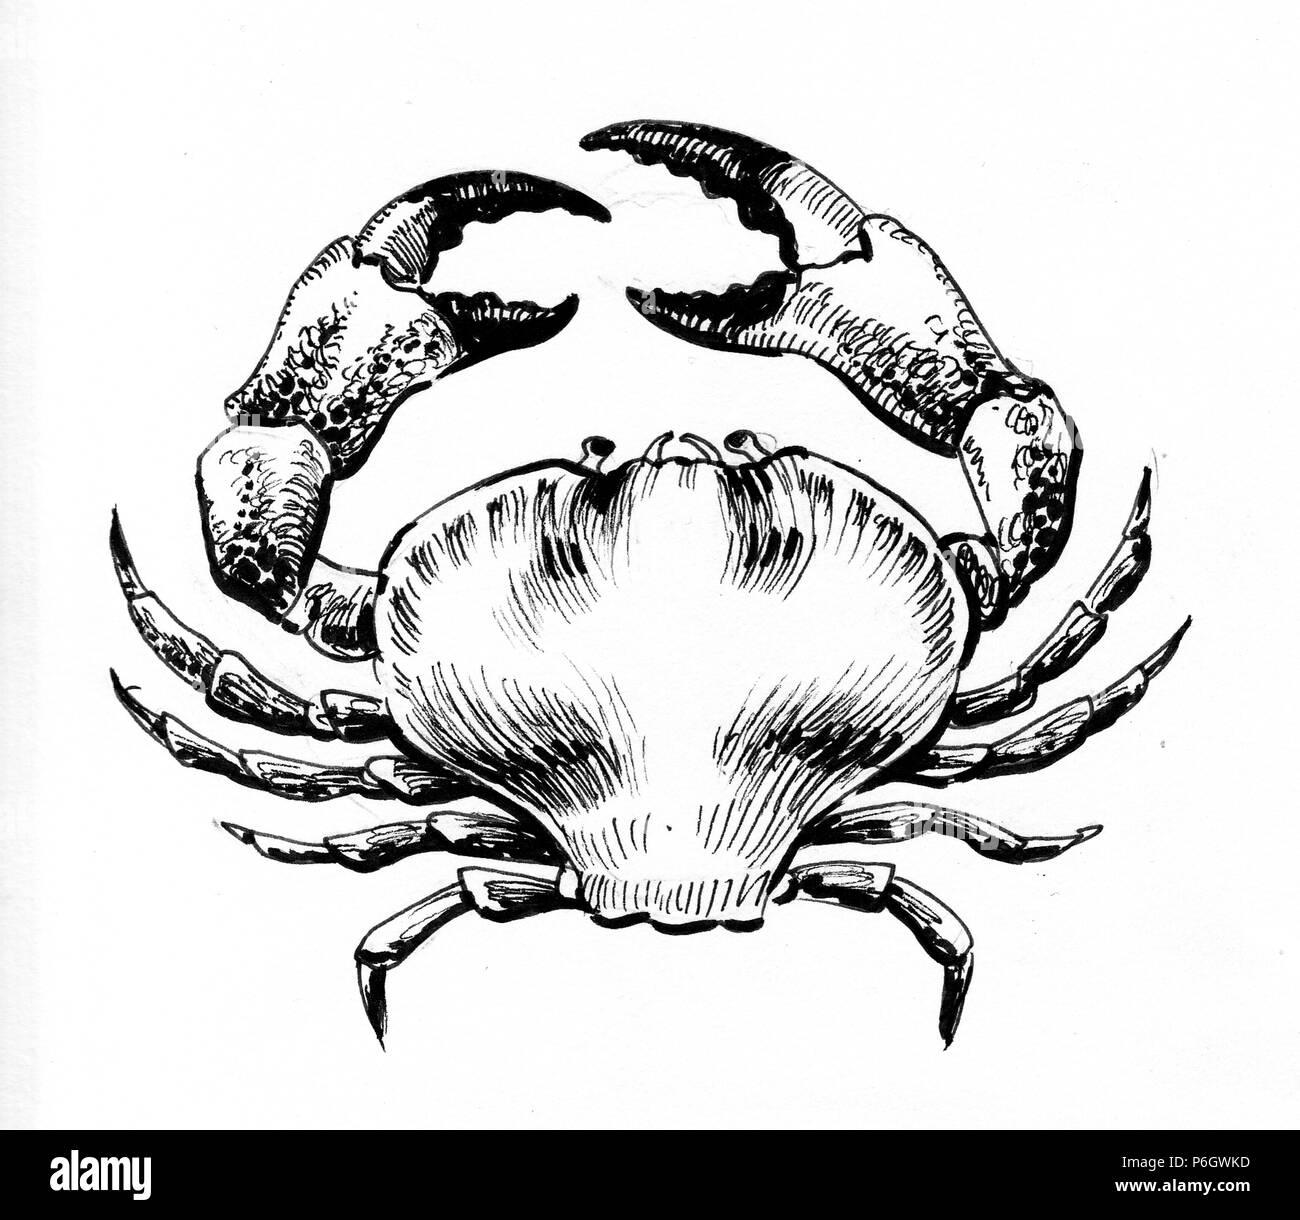 Atemberaubend Krabbe Anatomie Innen Ideen - Anatomie Von ...